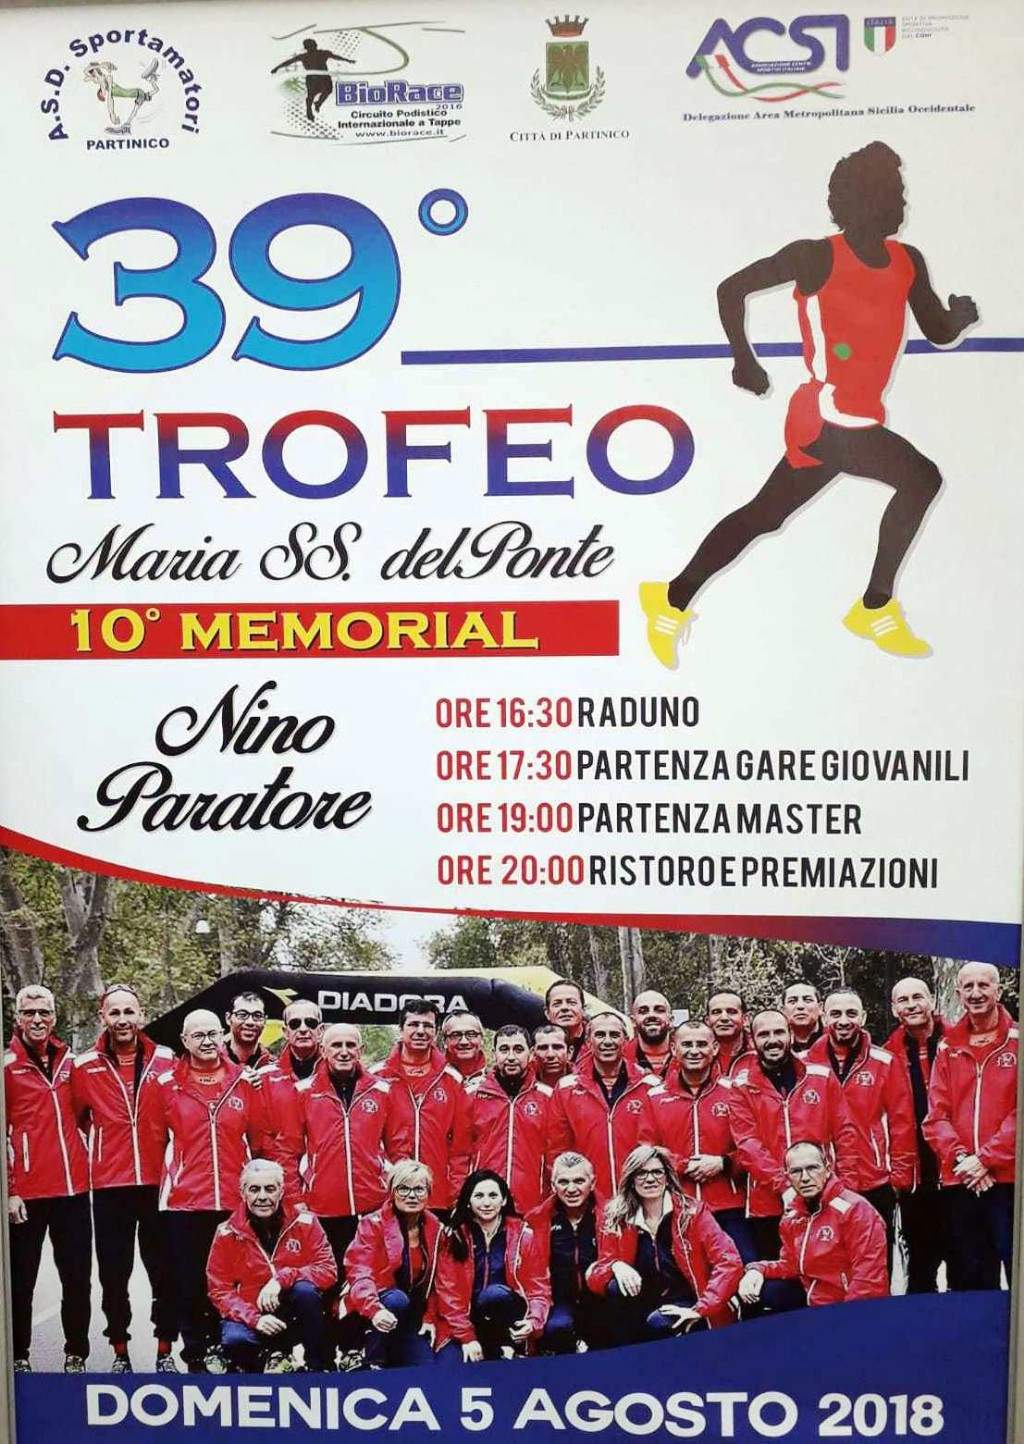 Podismo:  A Partinico si corre il BioRace con la 39 edizione del Trofeo Podistico M.SS. del Ponte